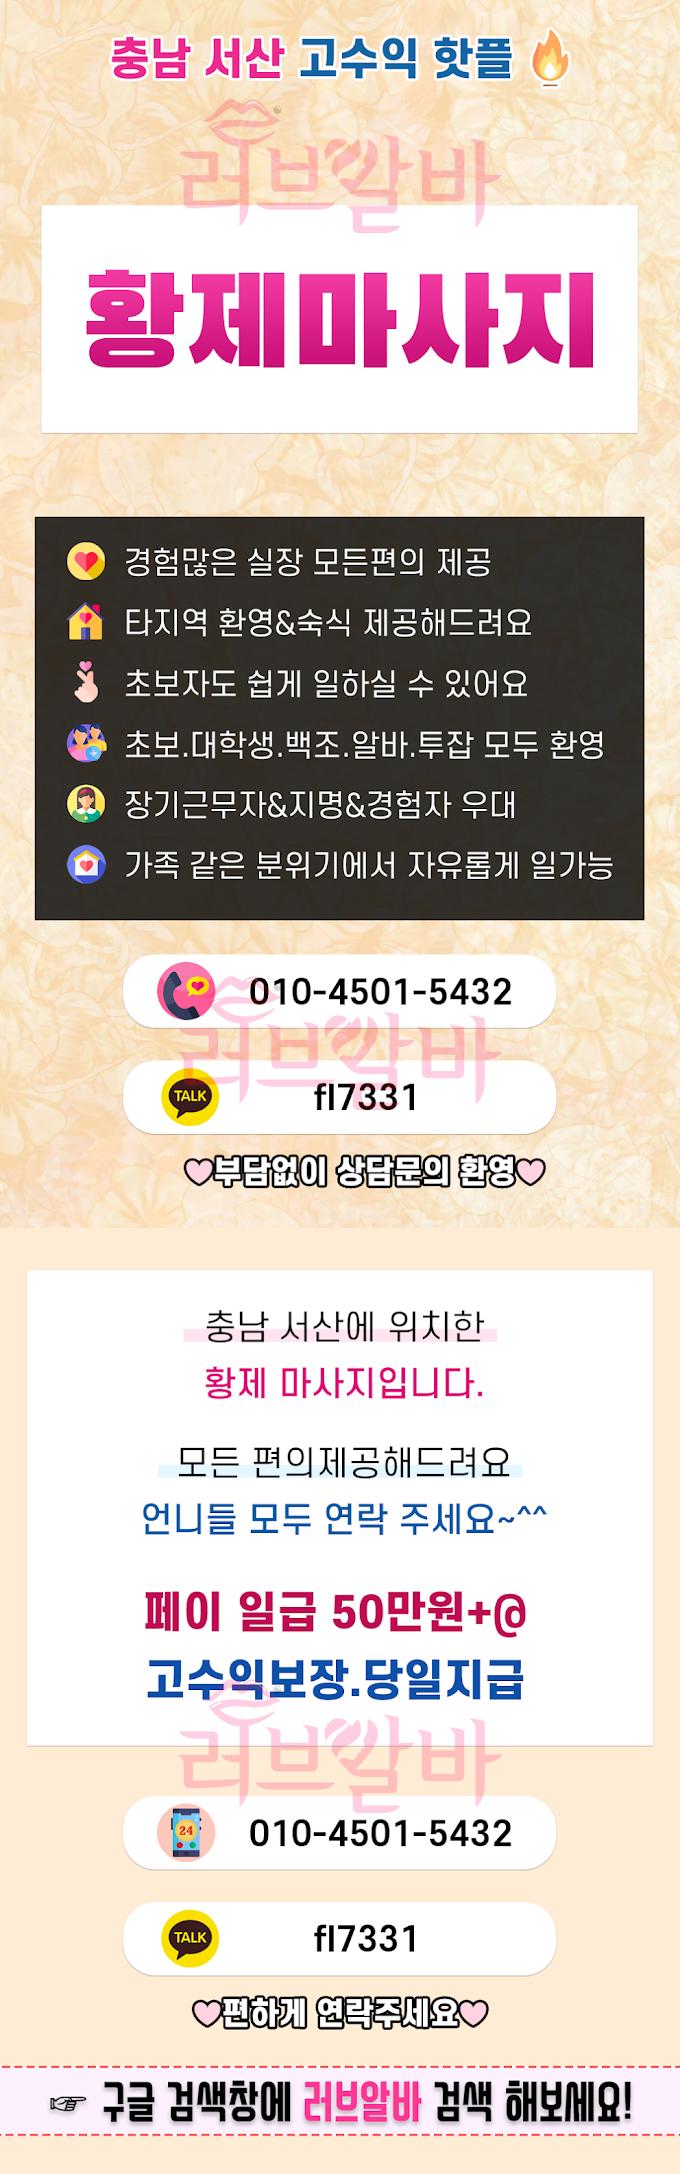 [충남 서산] 황제마사지 관리사님모집💙숙소제공💙식사제공💙고액보장💙경험자우대💙모든편의제공💙